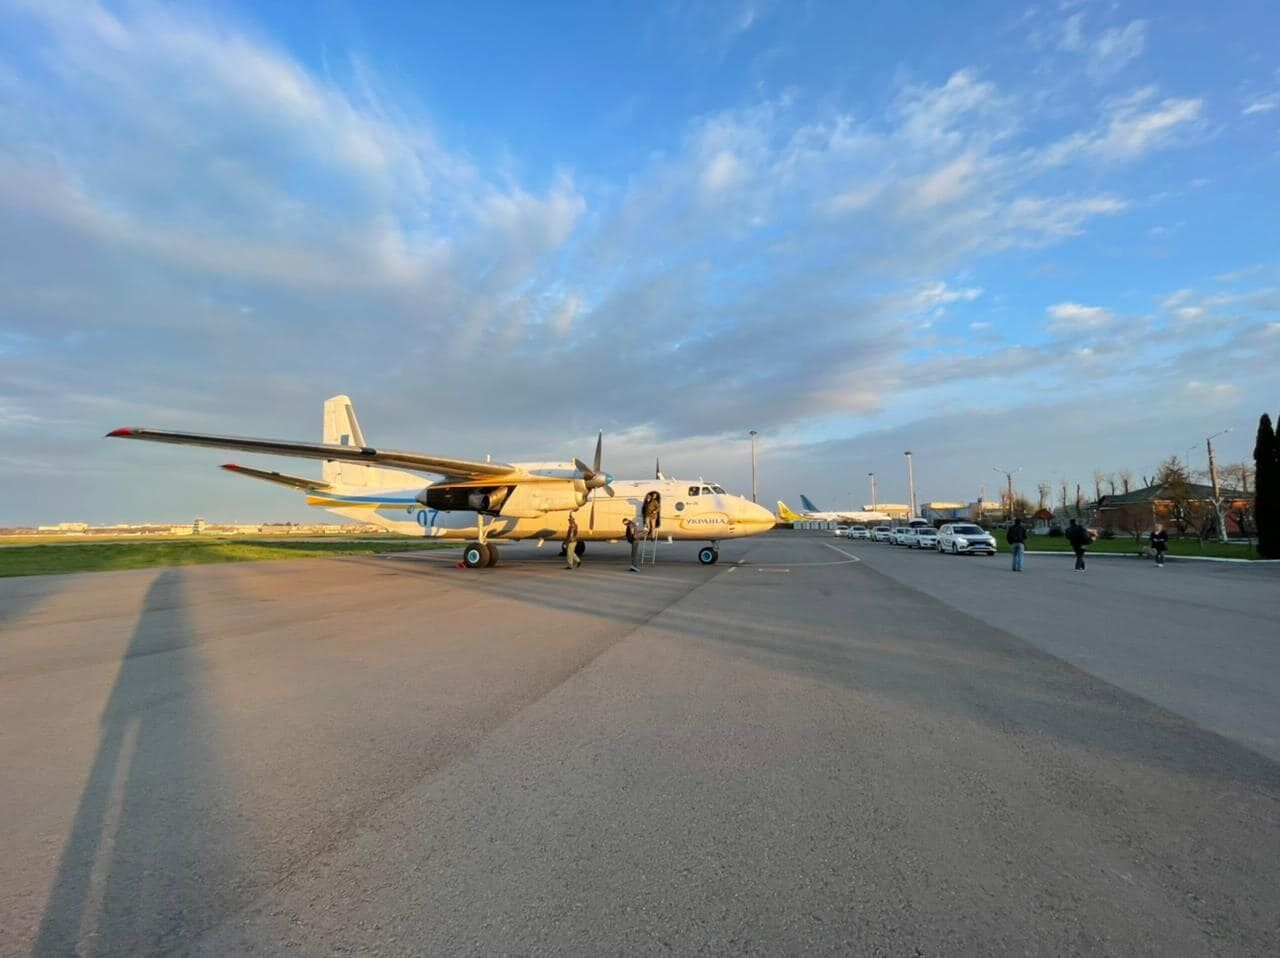 Самолёт АН-26 Национальной Гвардии Украины на котором осуществлялся экстренный рейс